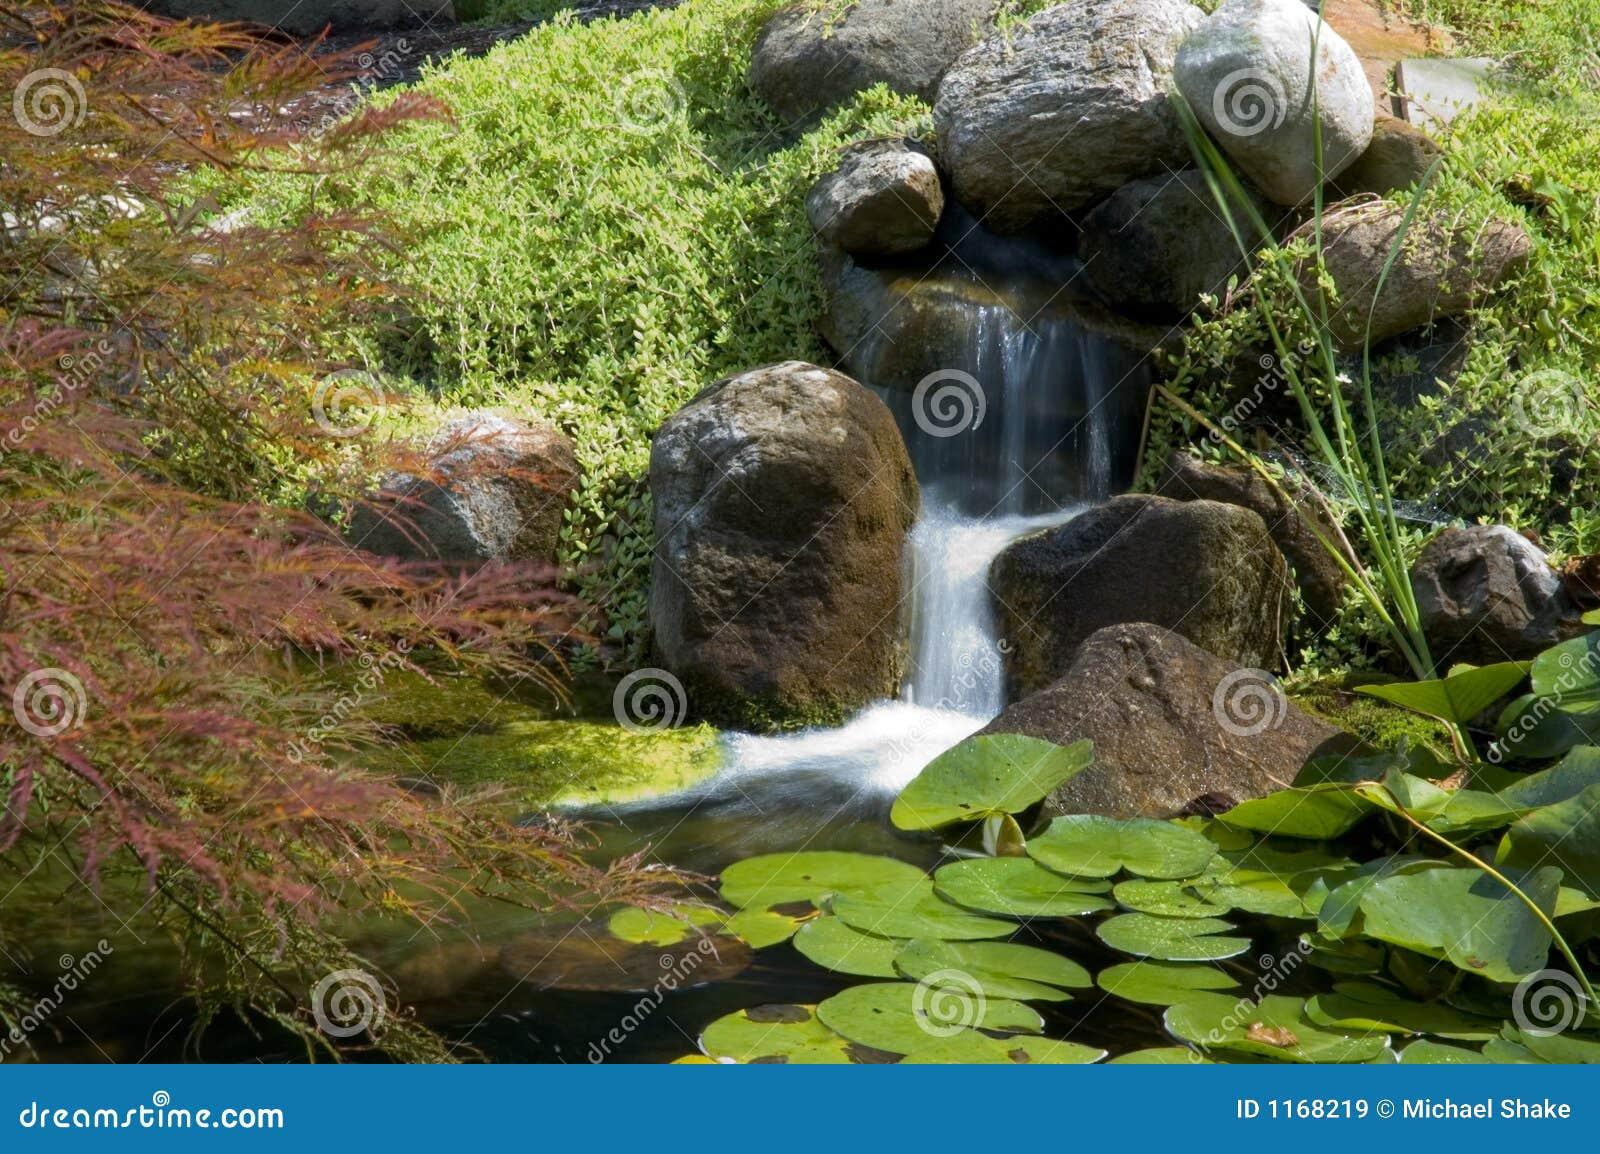 imagens jardim japones : imagens jardim japones:Jardim japonês bonito e calmo da água. Termine com uma cachoeira